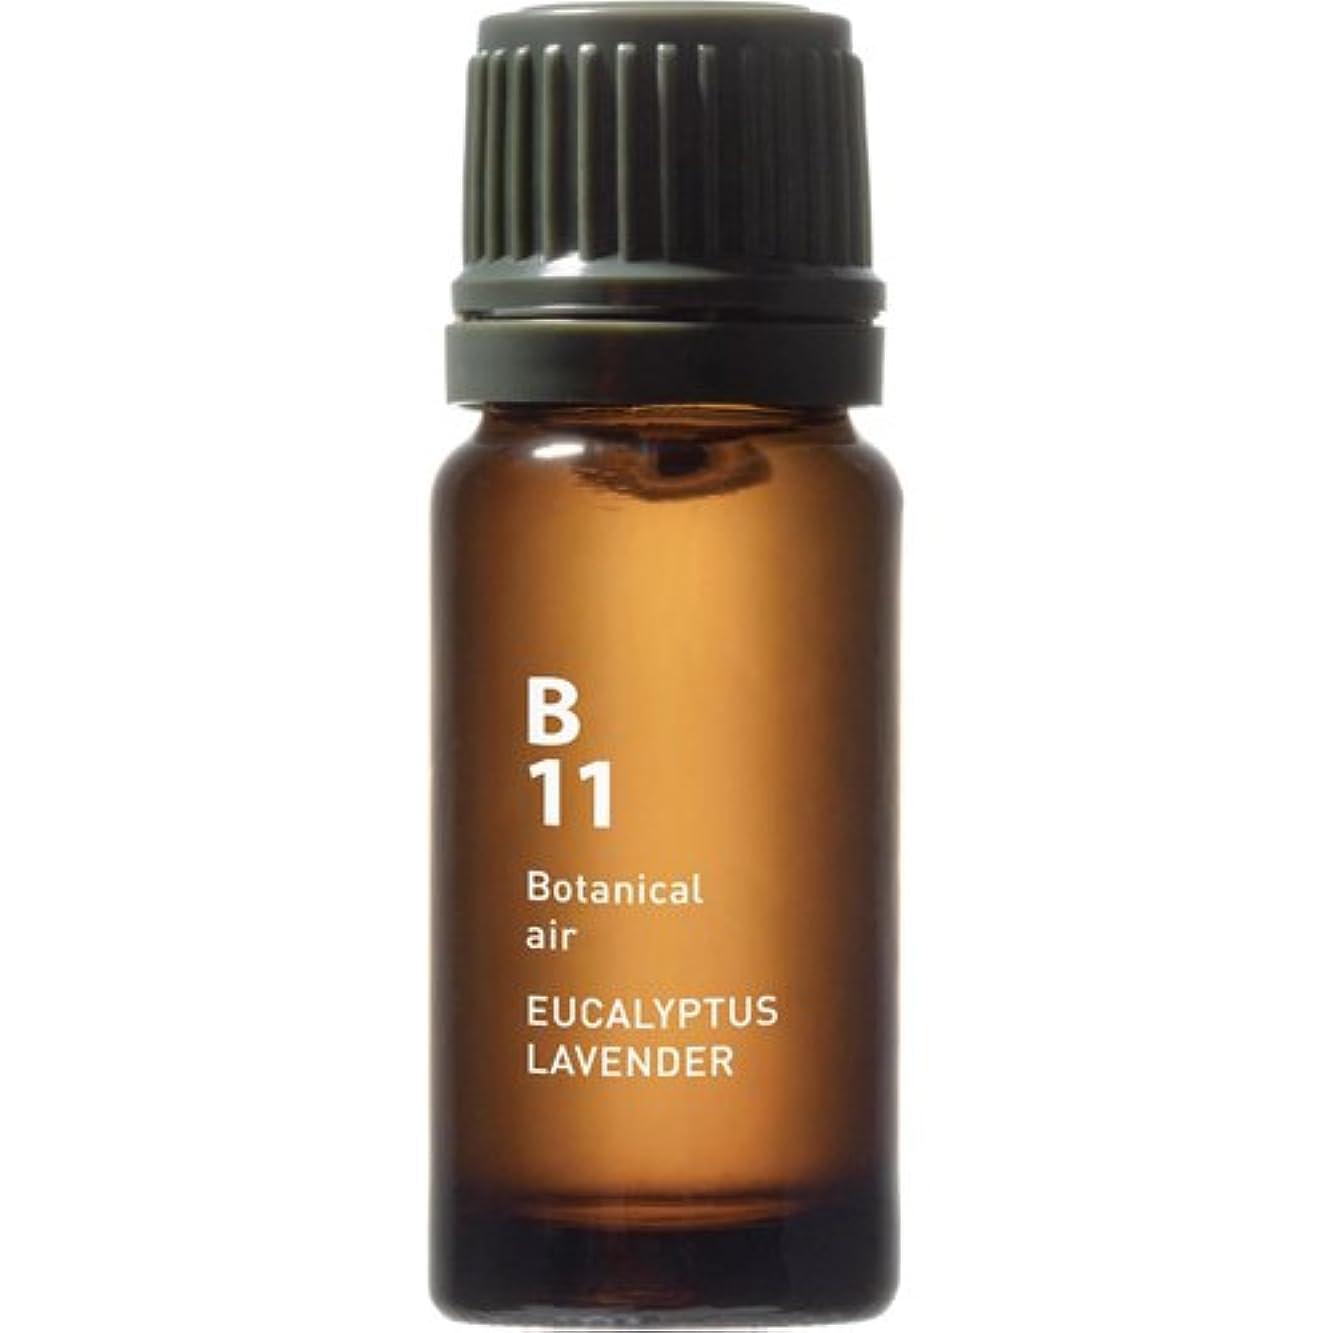 多くの危険がある状況ボウリングわずかにB11 ユーカリラベンダー Botanical air(ボタニカルエアー) 10ml